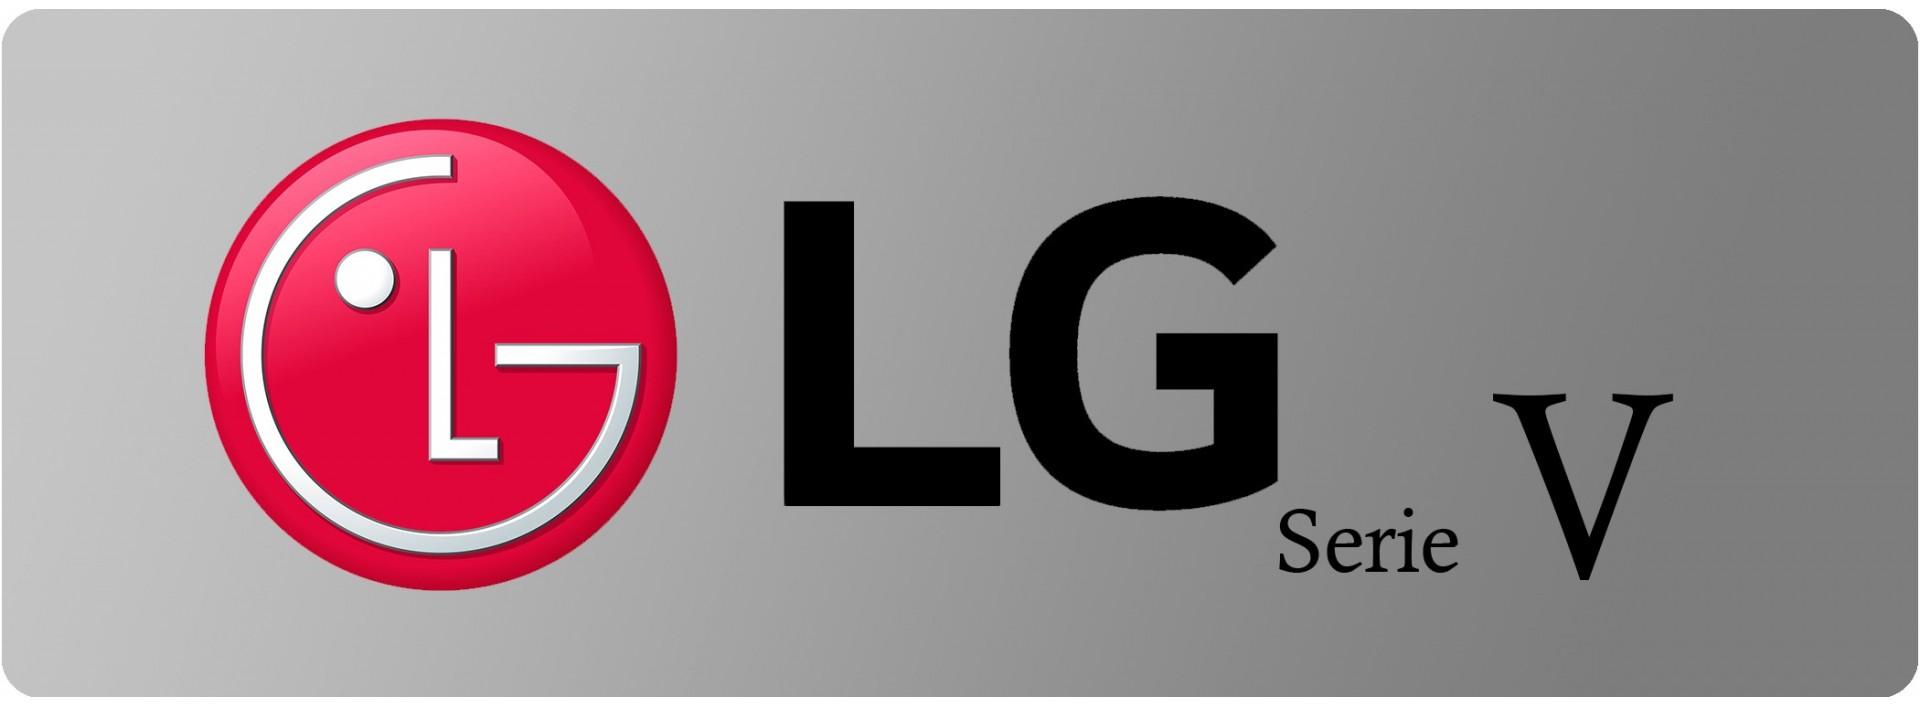 Fundas para LG Serie V